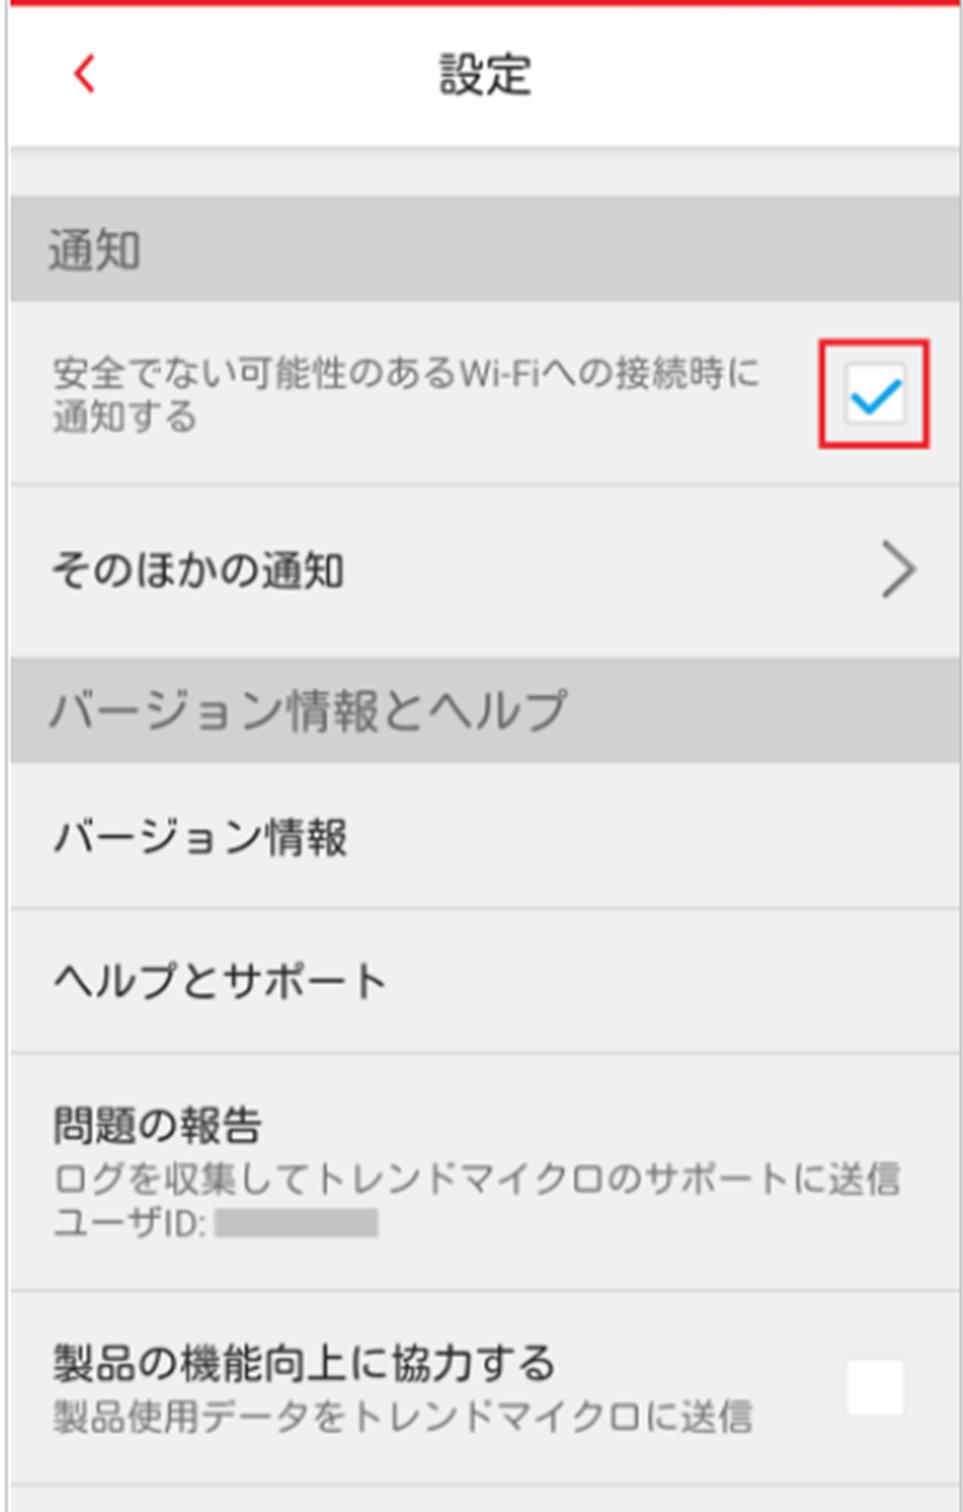 Android版の「安全でない可能性のあるWi-Fiへの接続時に通知する」